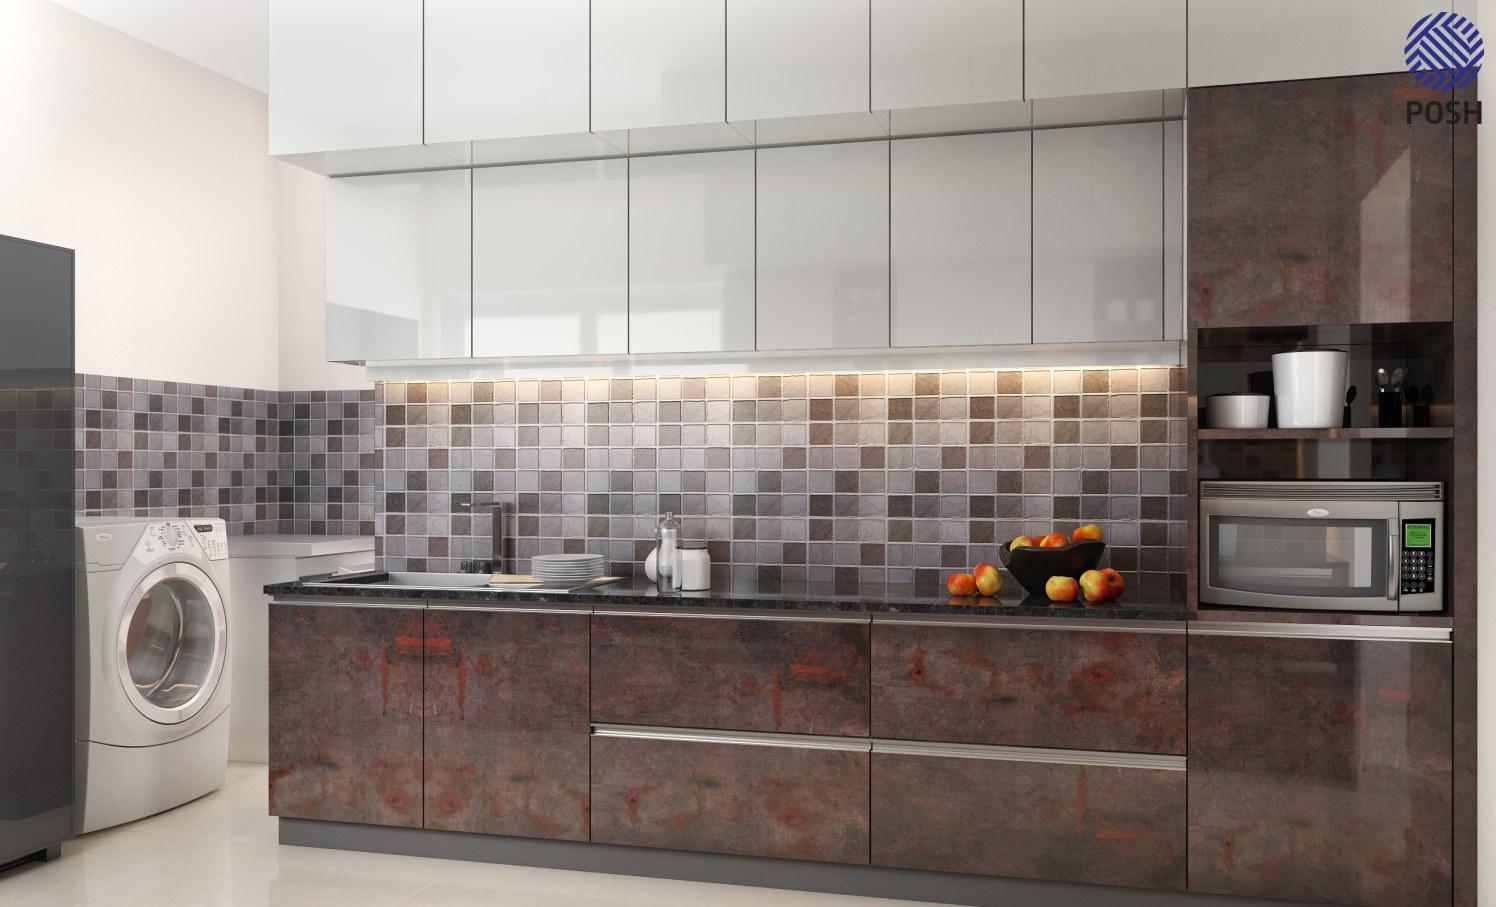 Modern modular kitchen by Priyanka Rai Modular-kitchen Modern | Interior Design Photos & Ideas